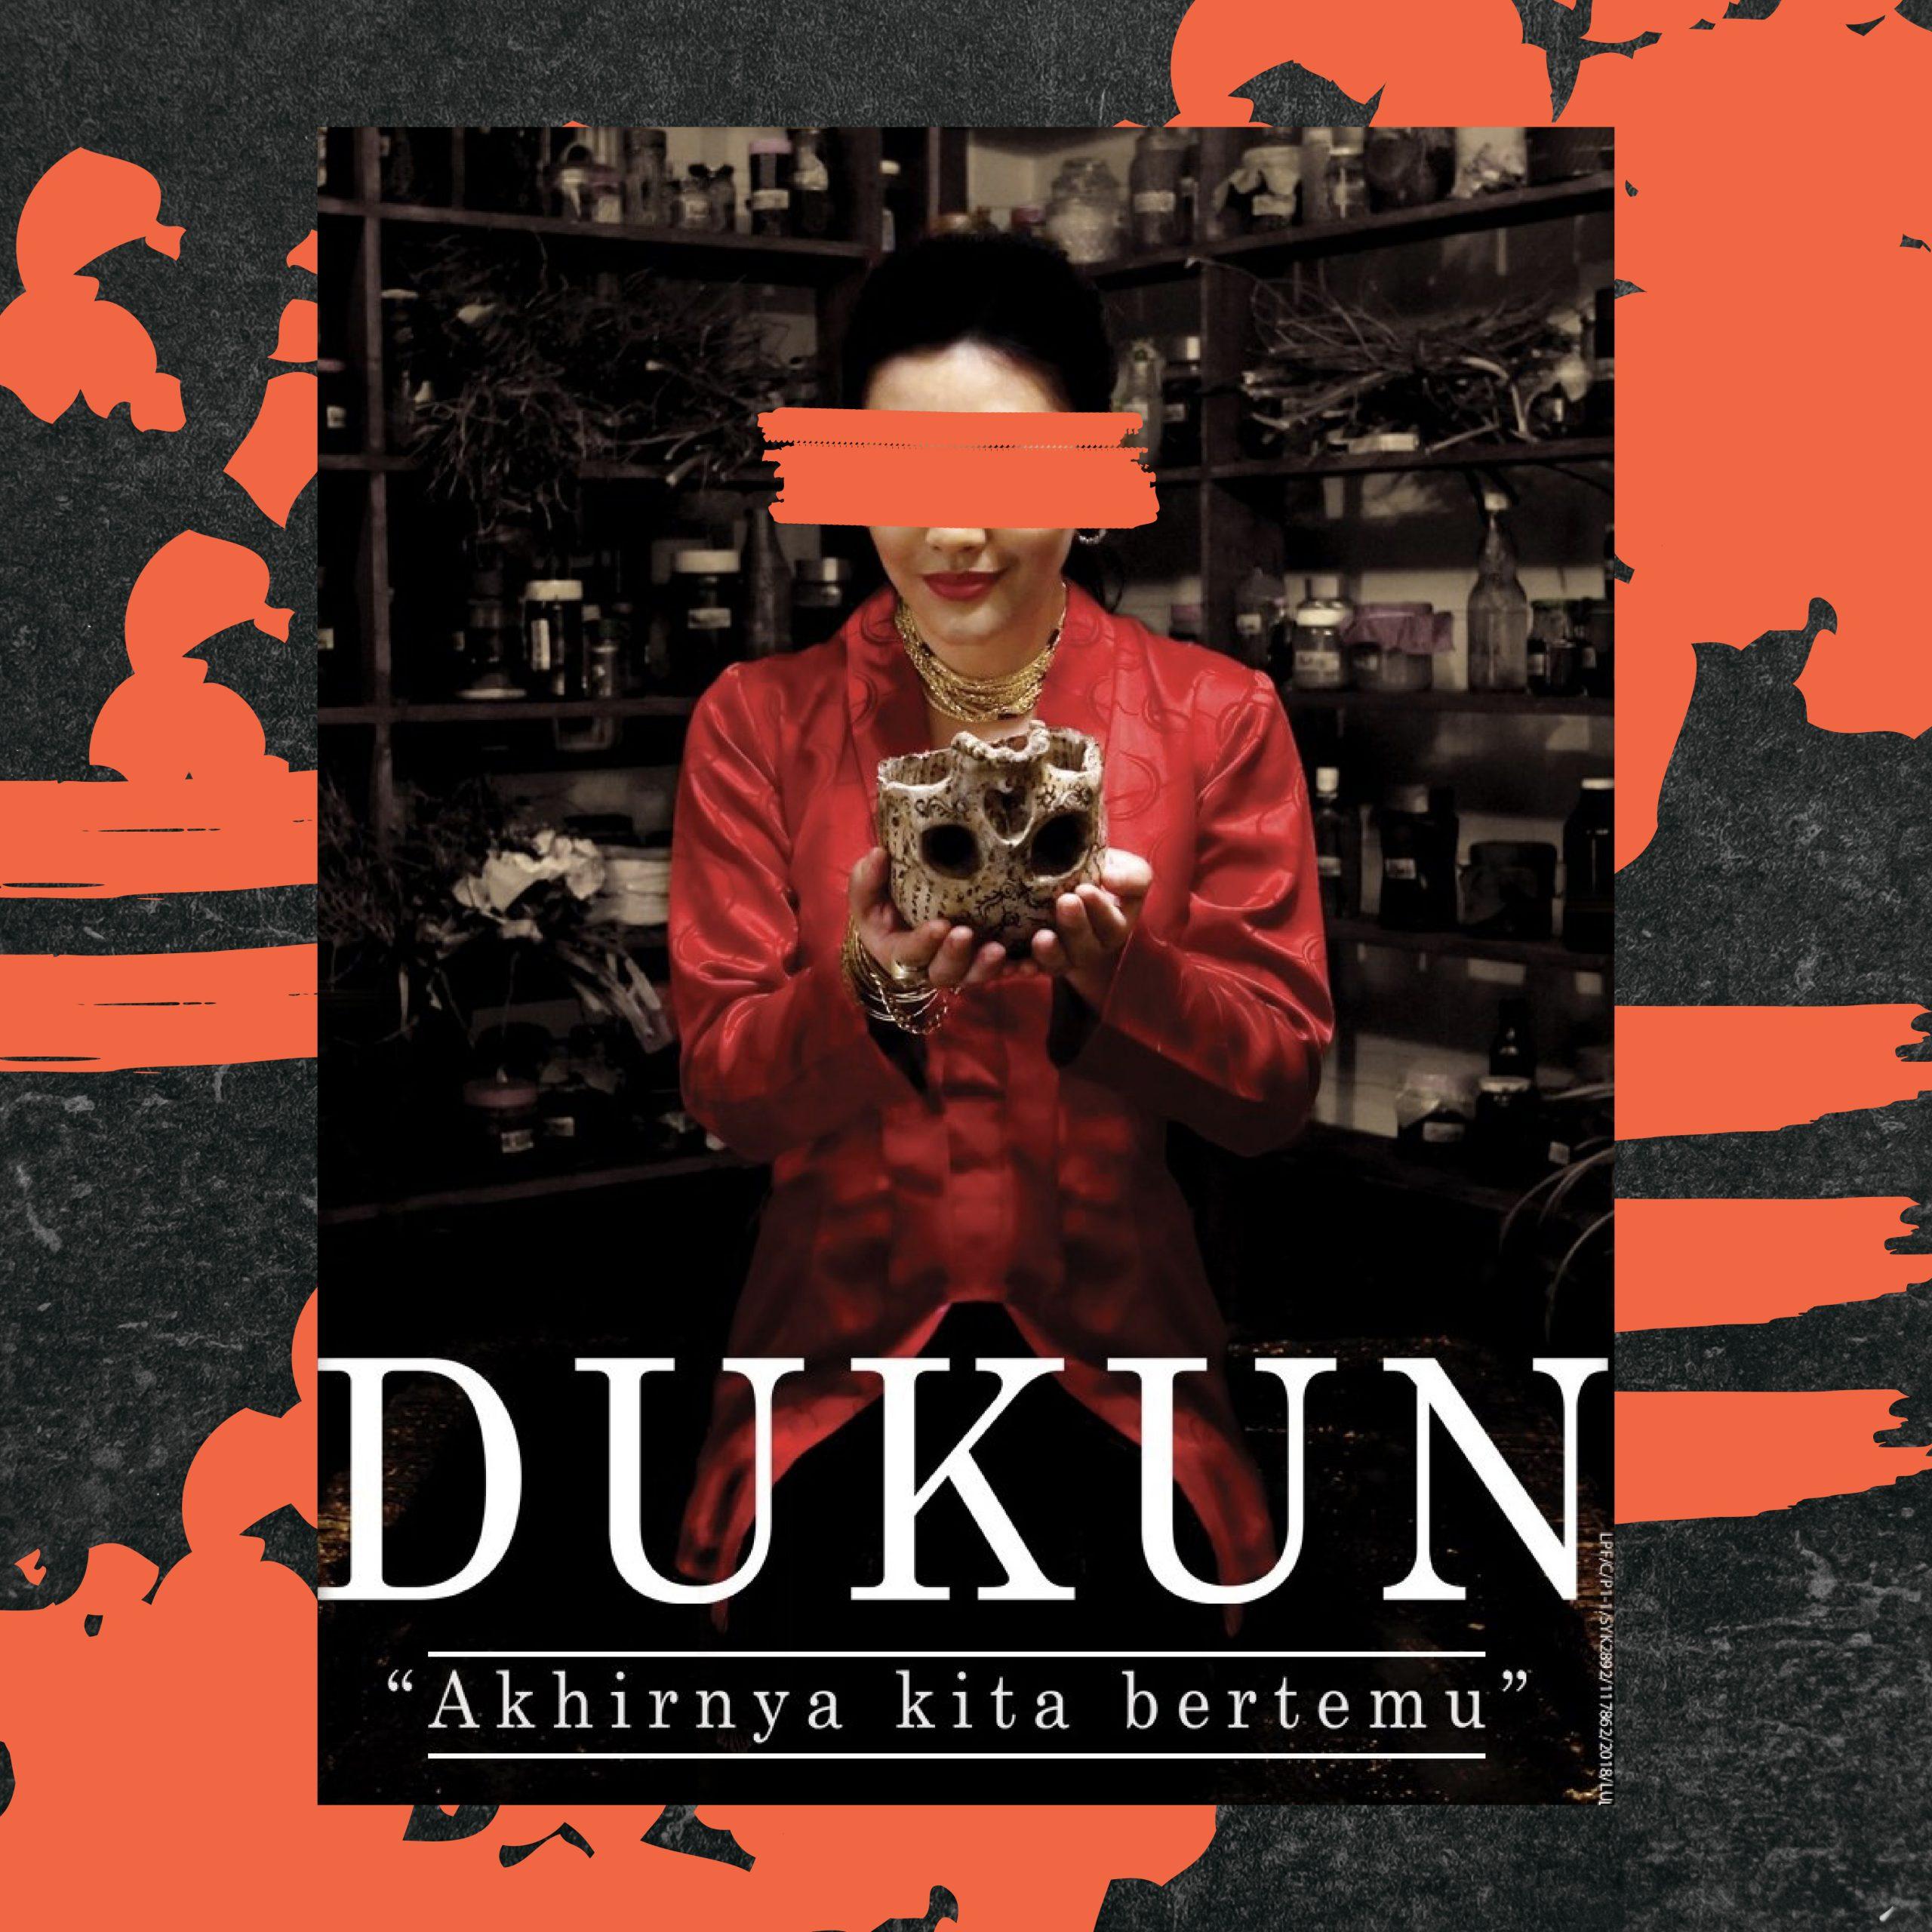 dukun-01